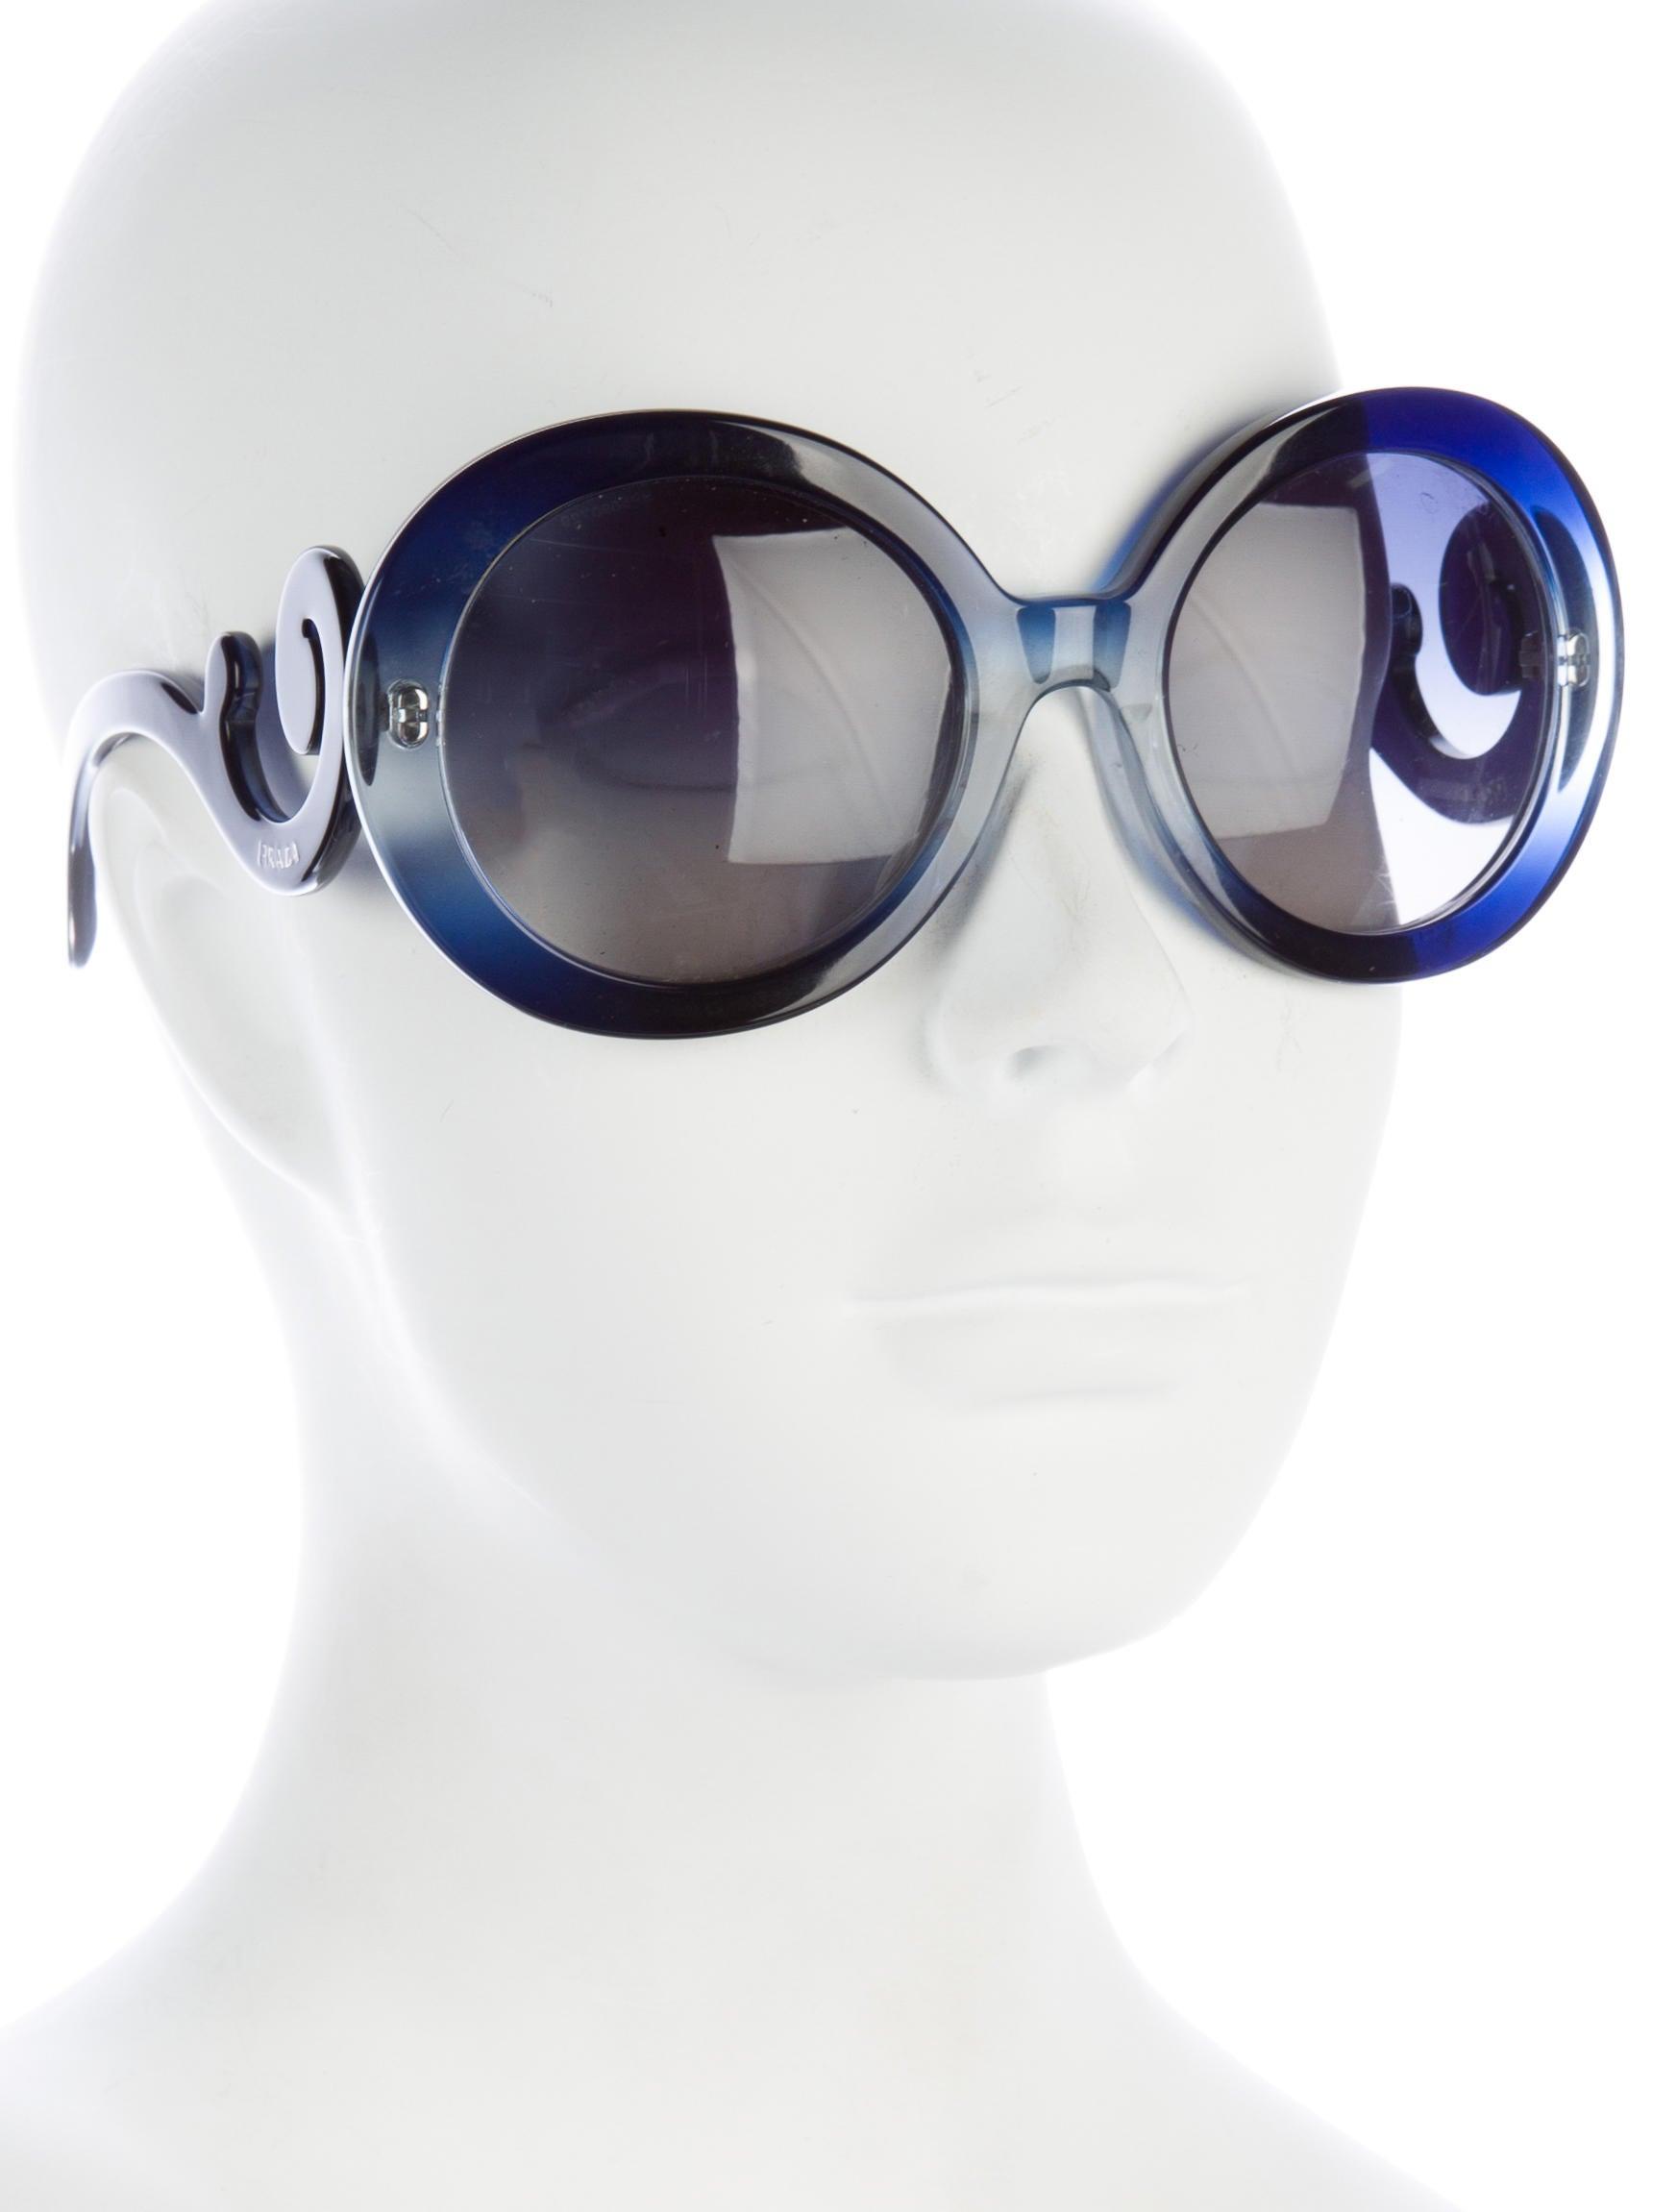 Prada Baroque Round Sunglasses - Accessories - PRA135724   The RealReal 05eb1705f1